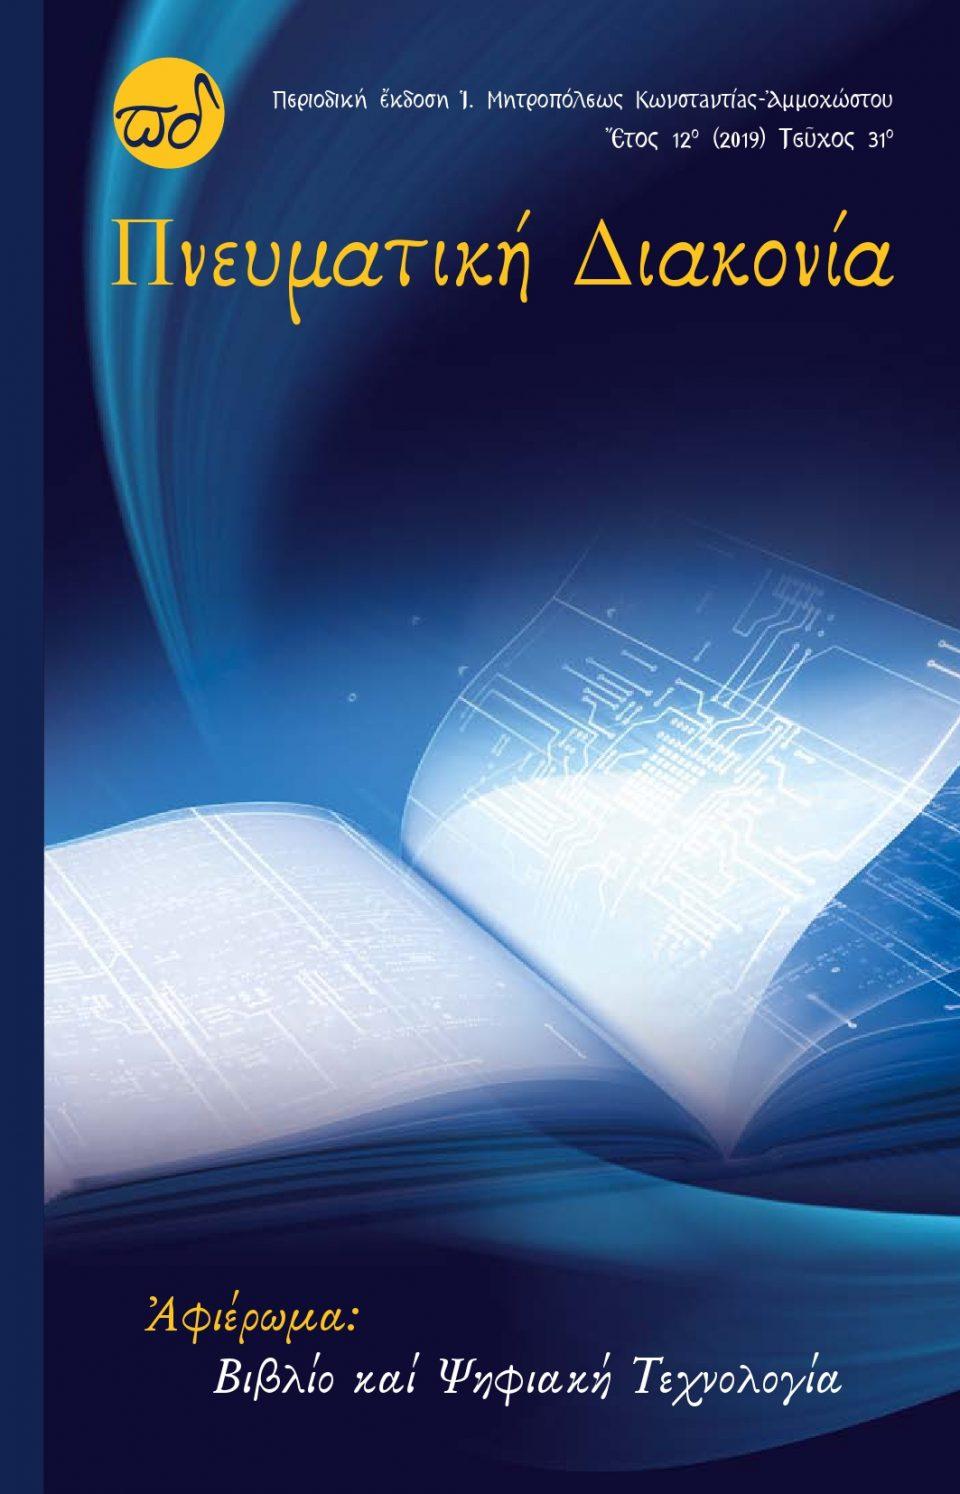 Πνευματική Διακονία – Τεύχος 31